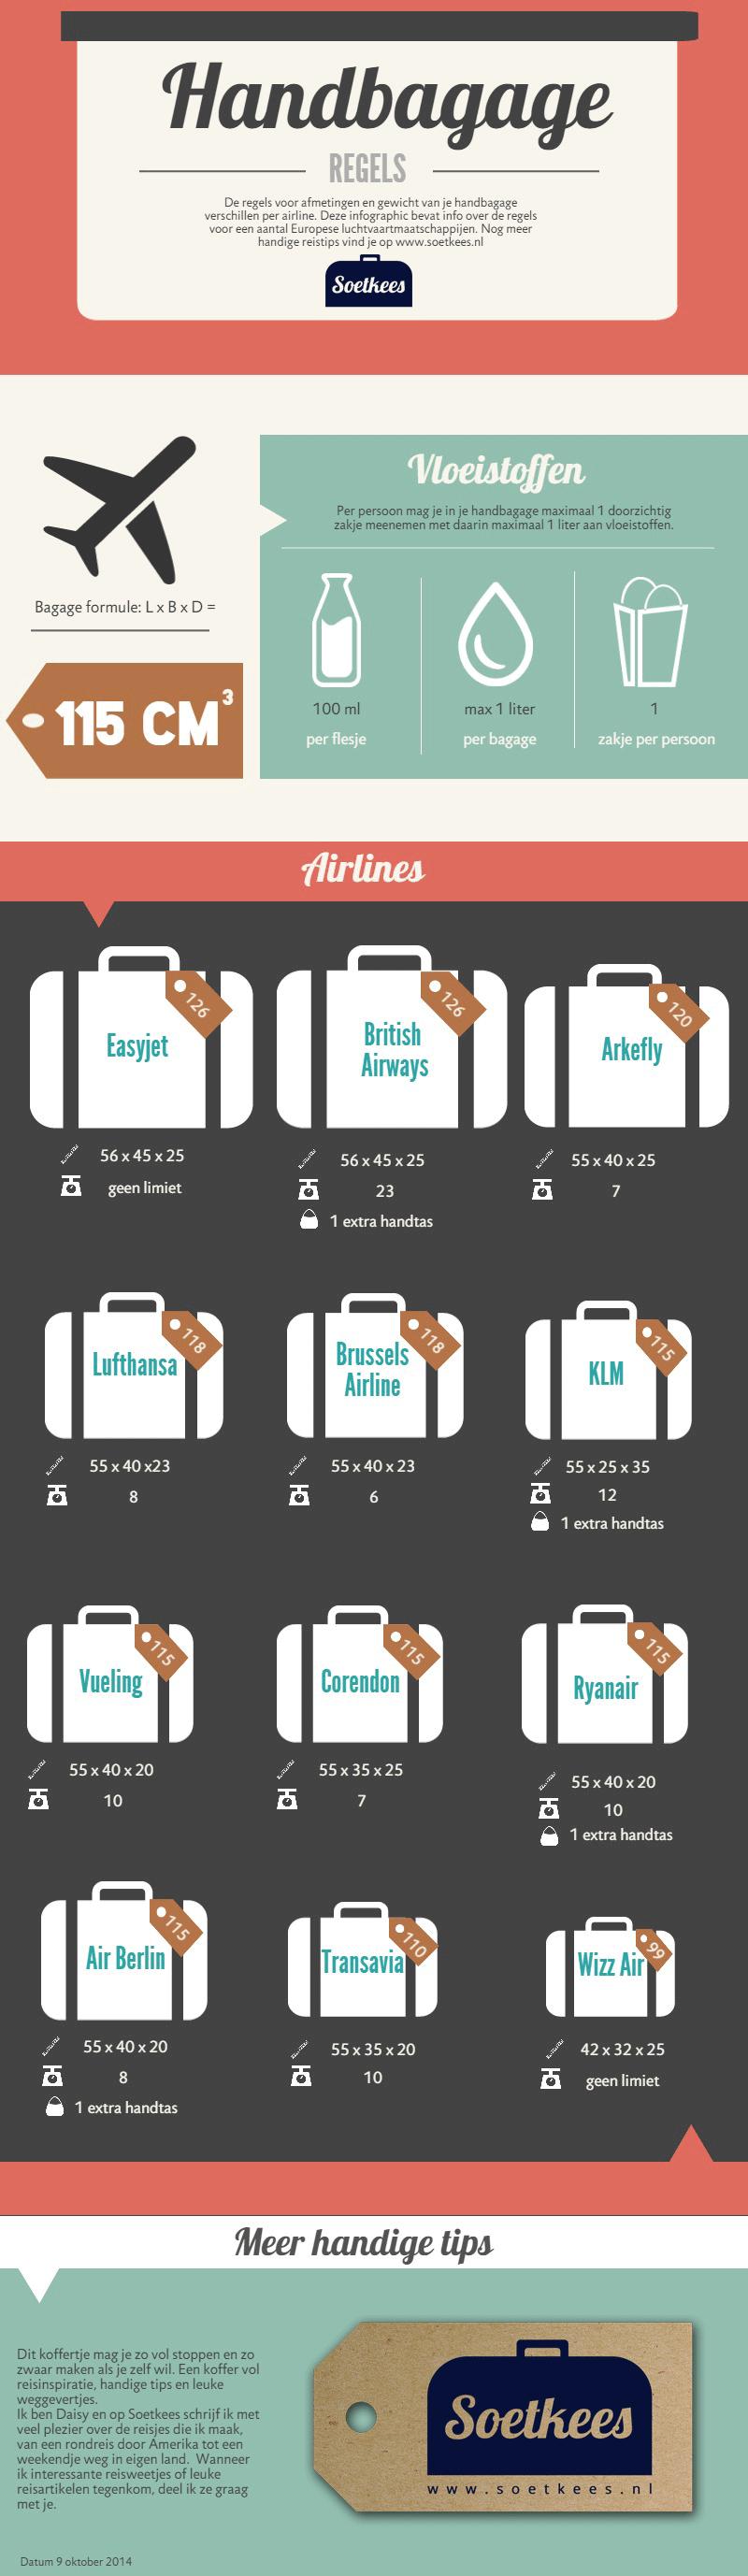 hand-bagage-soetkees-nl